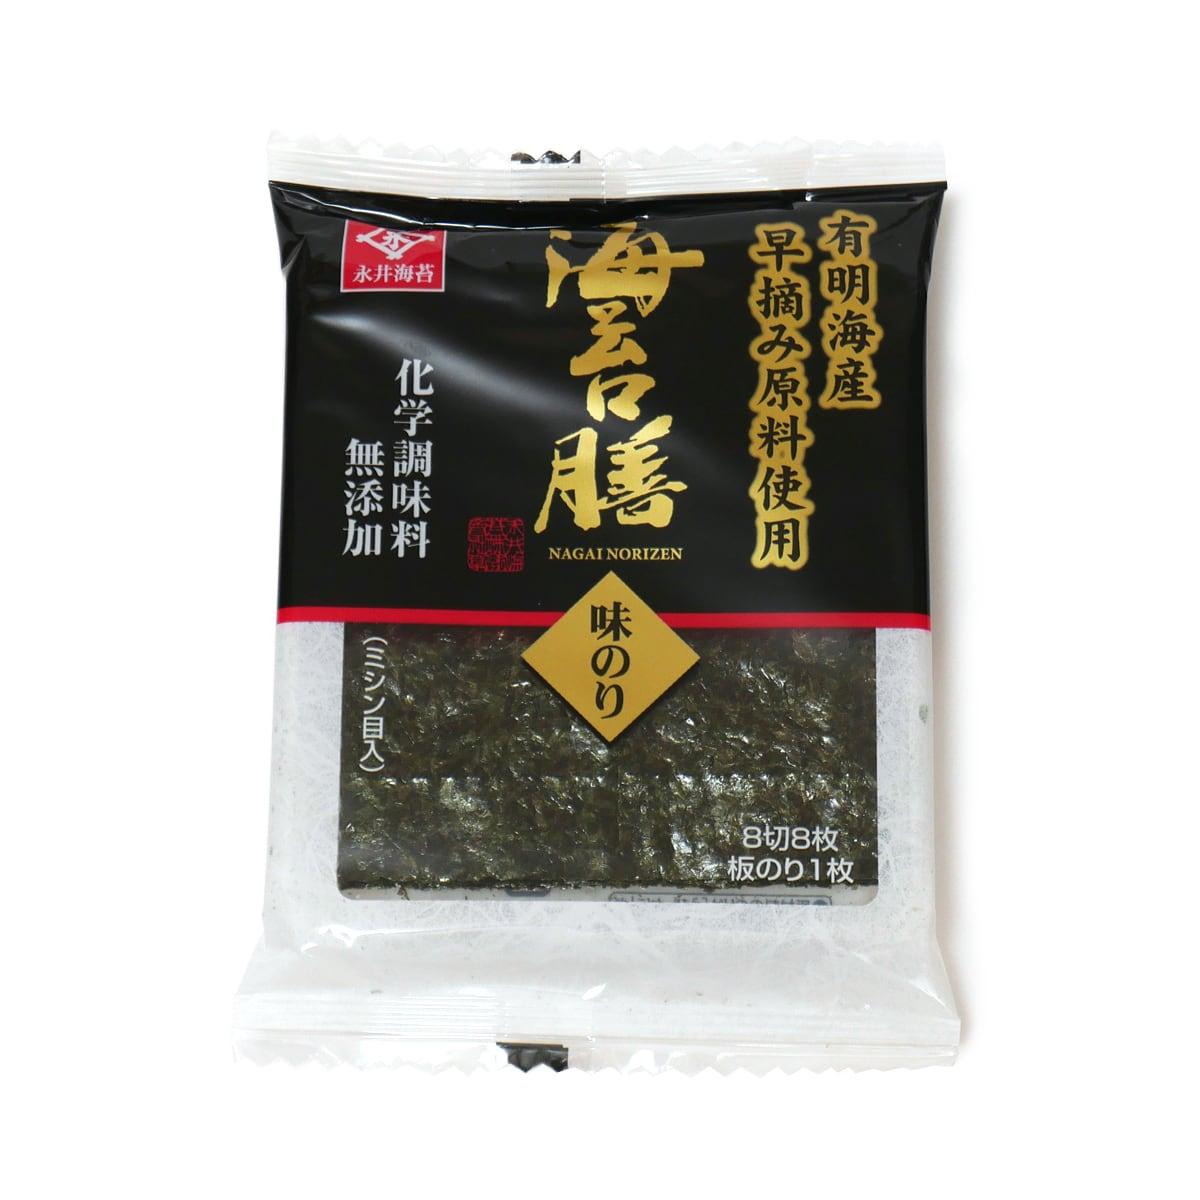 永井海苔 海苔膳 8切8枚 1袋